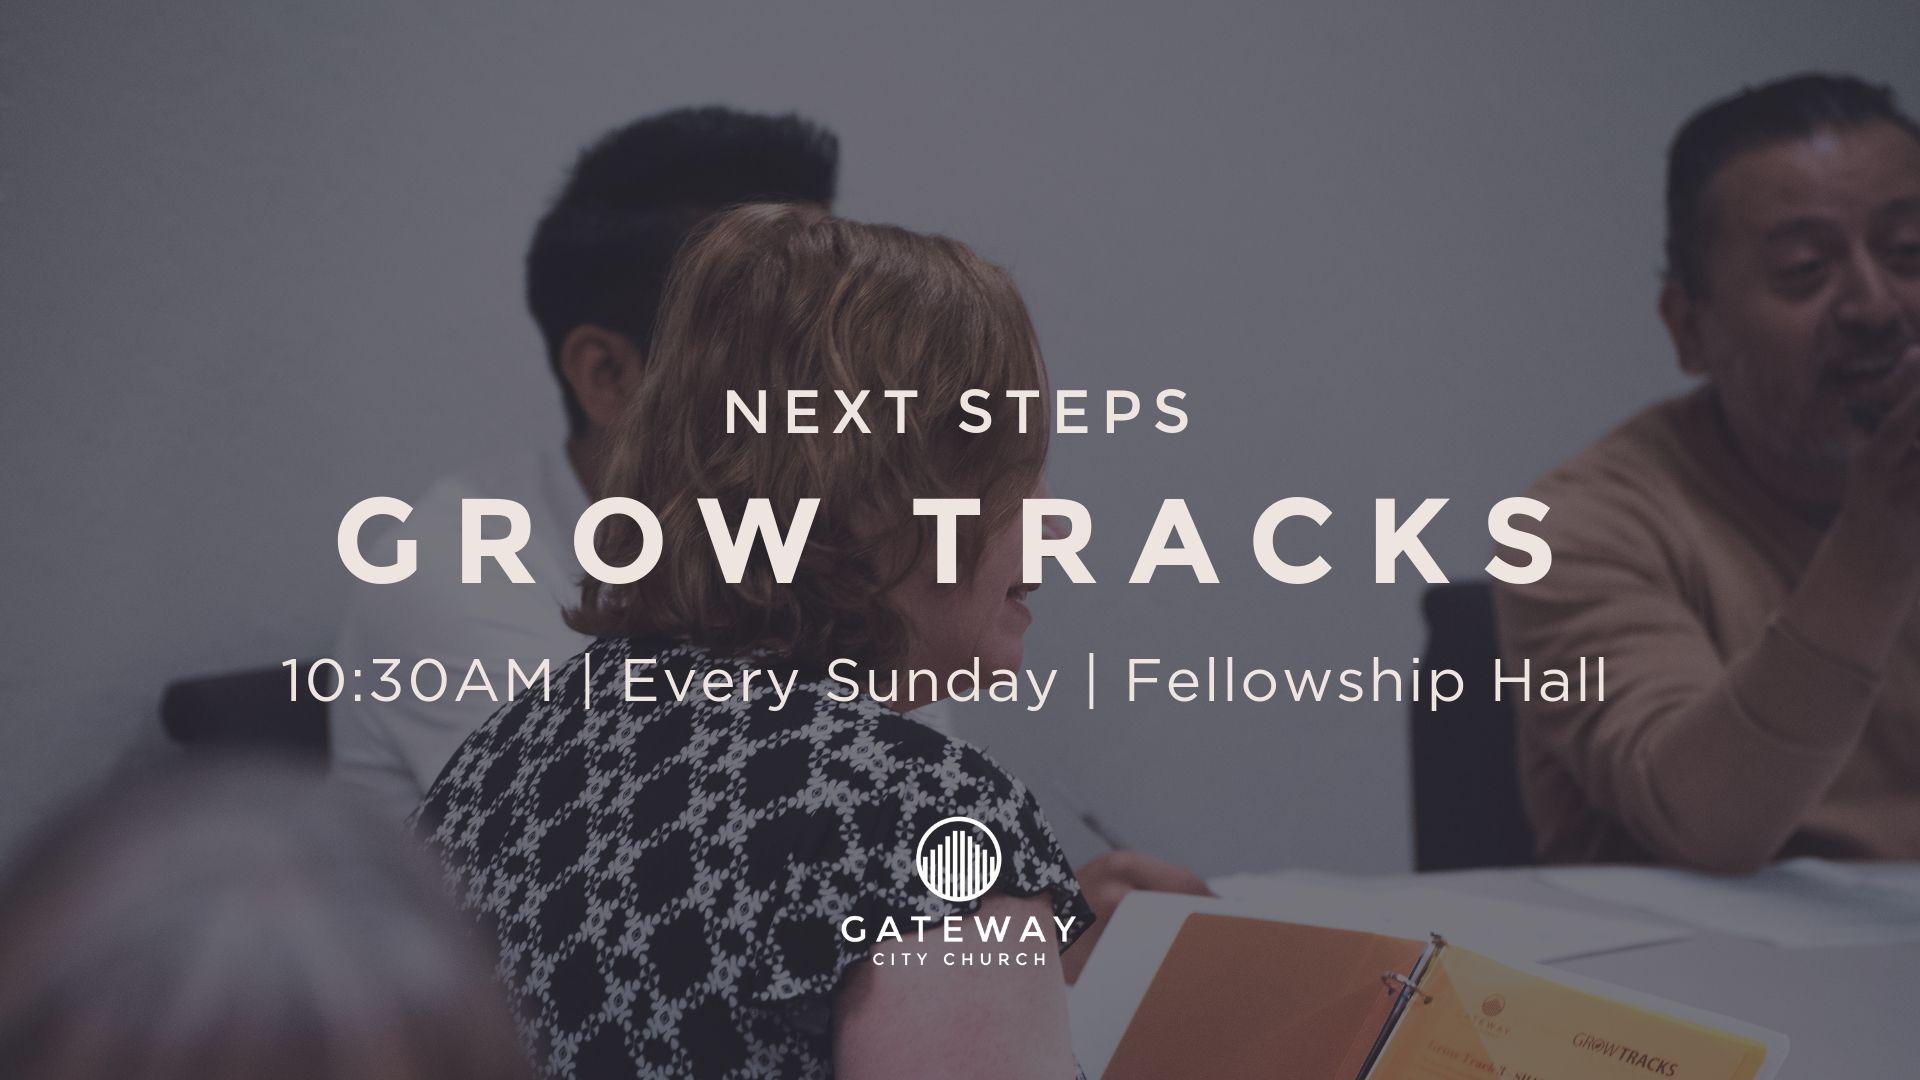 Grow Tracks Modesto Rev2.jpg